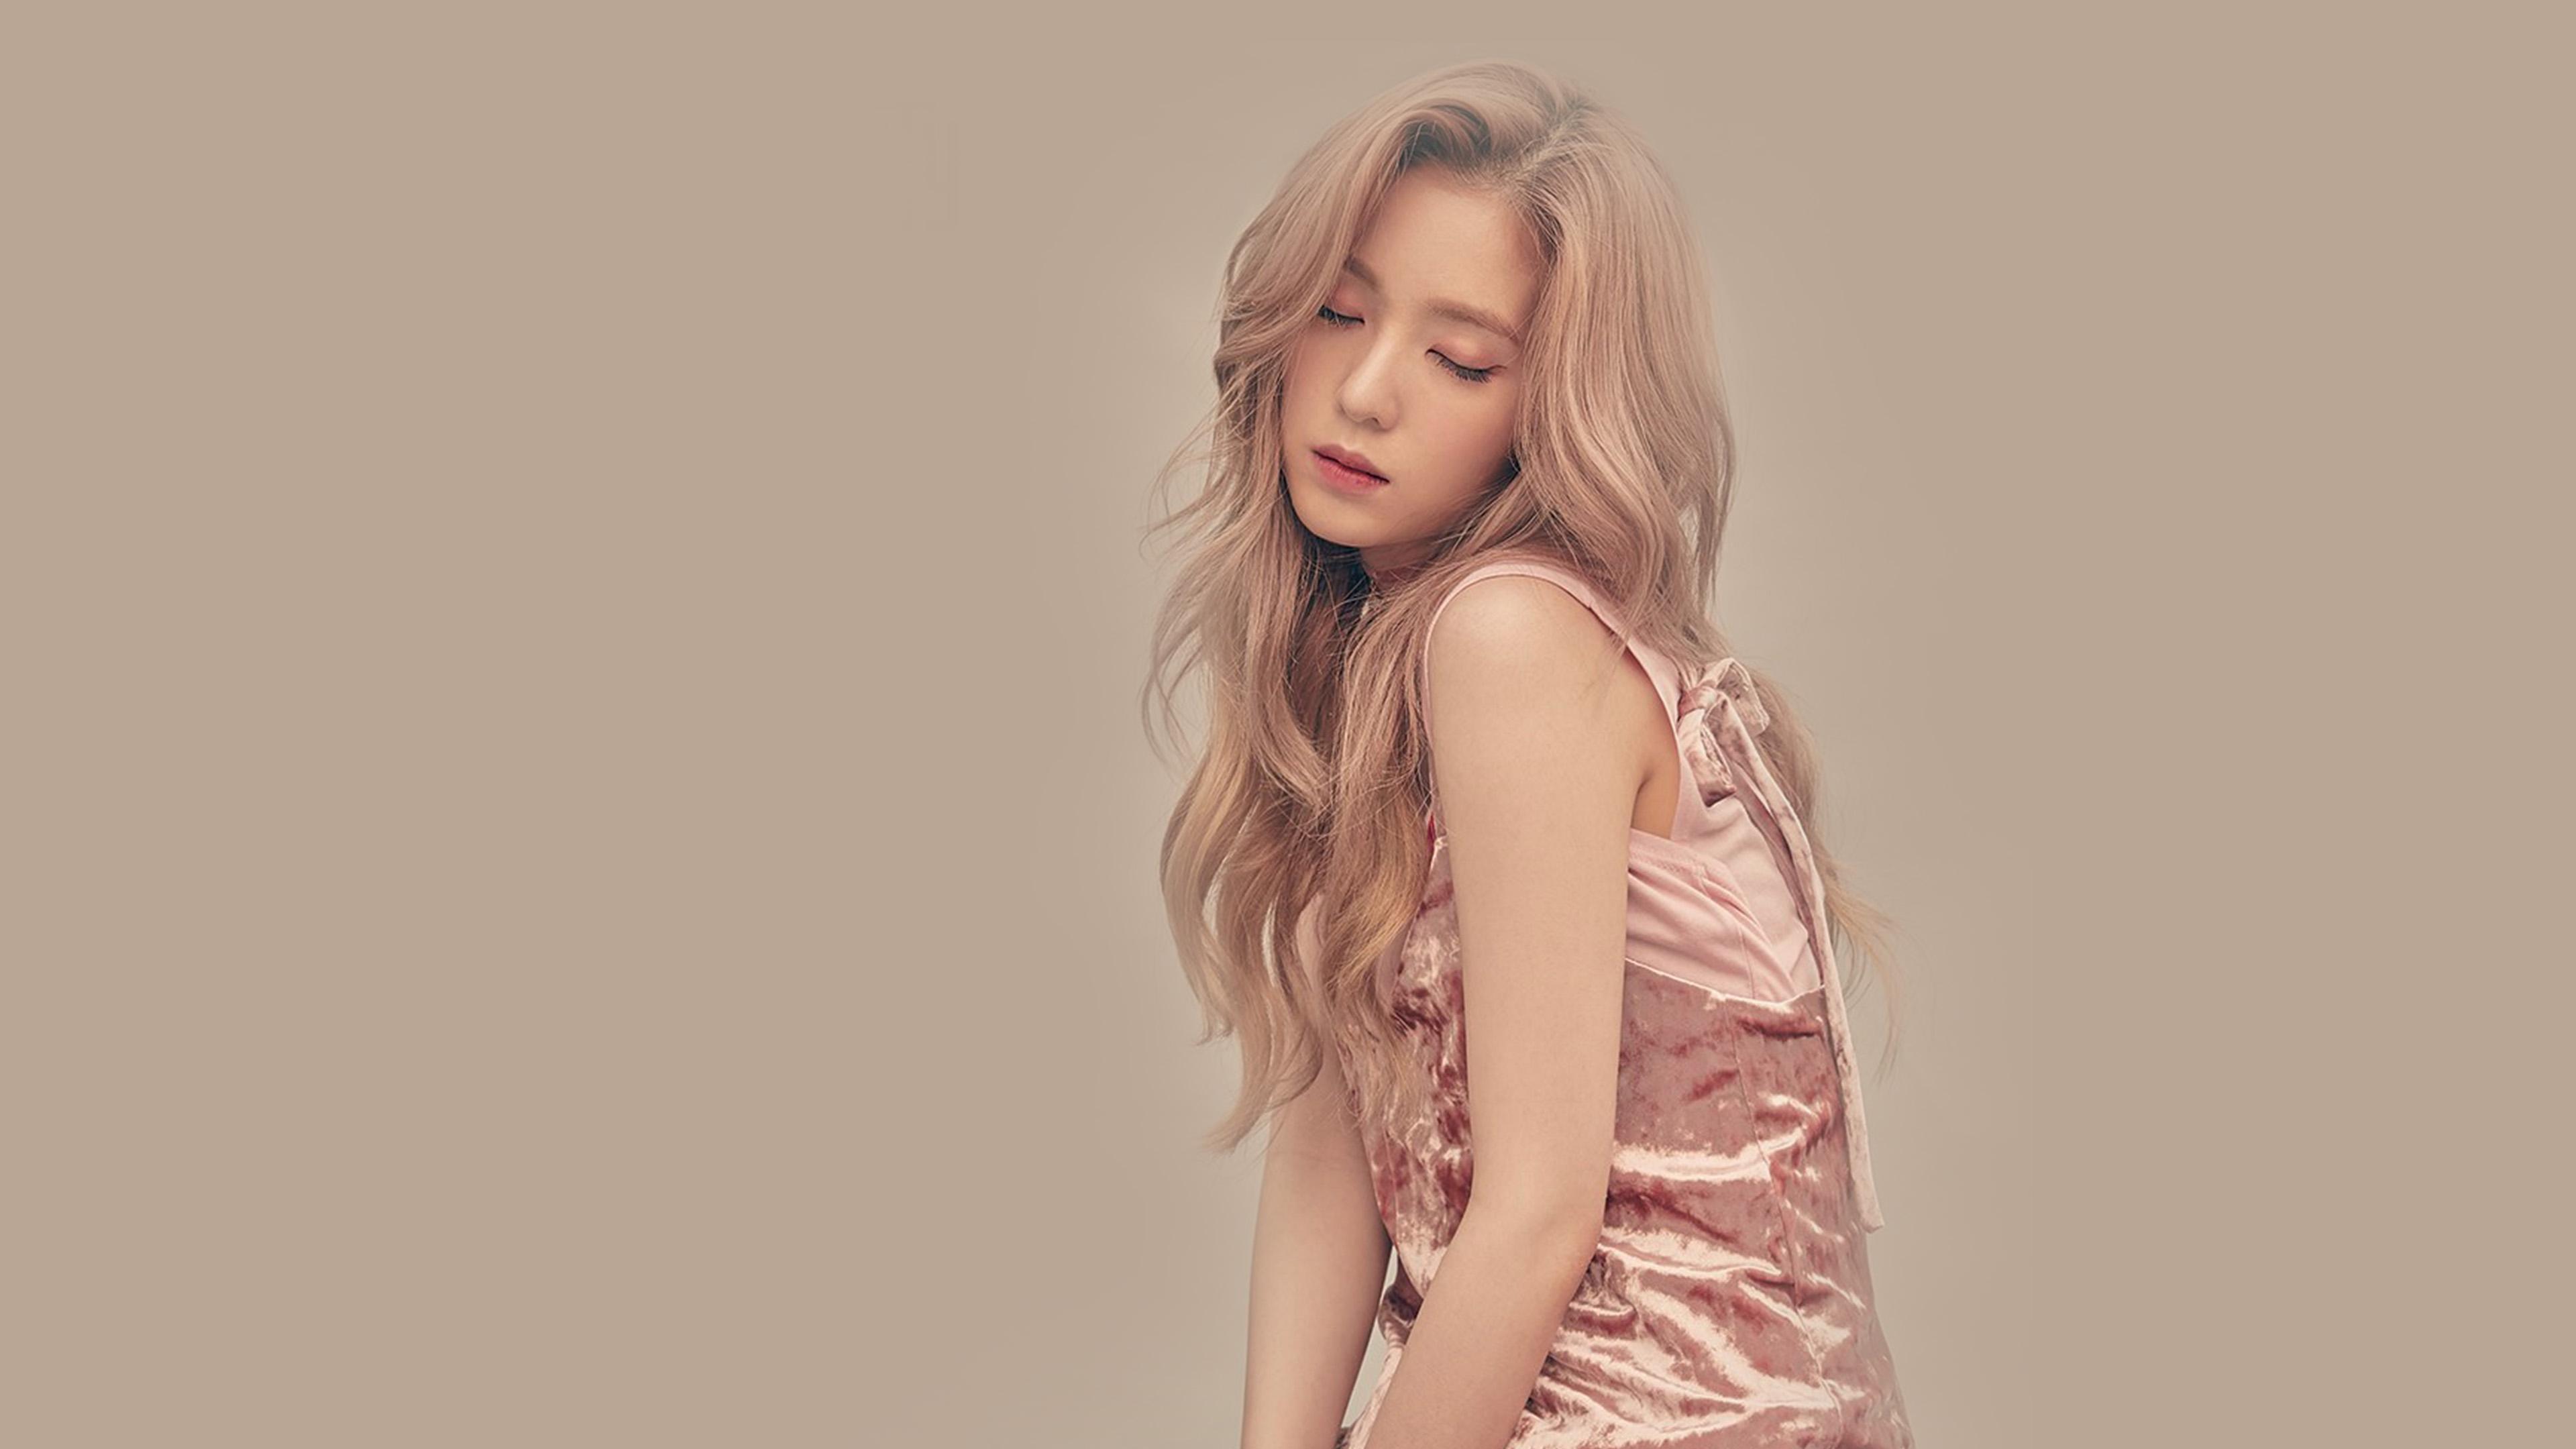 Cute Korean Wallpaper For Android Hk47 Irene Kpop Redvelvet Pink Girl Wallpaper